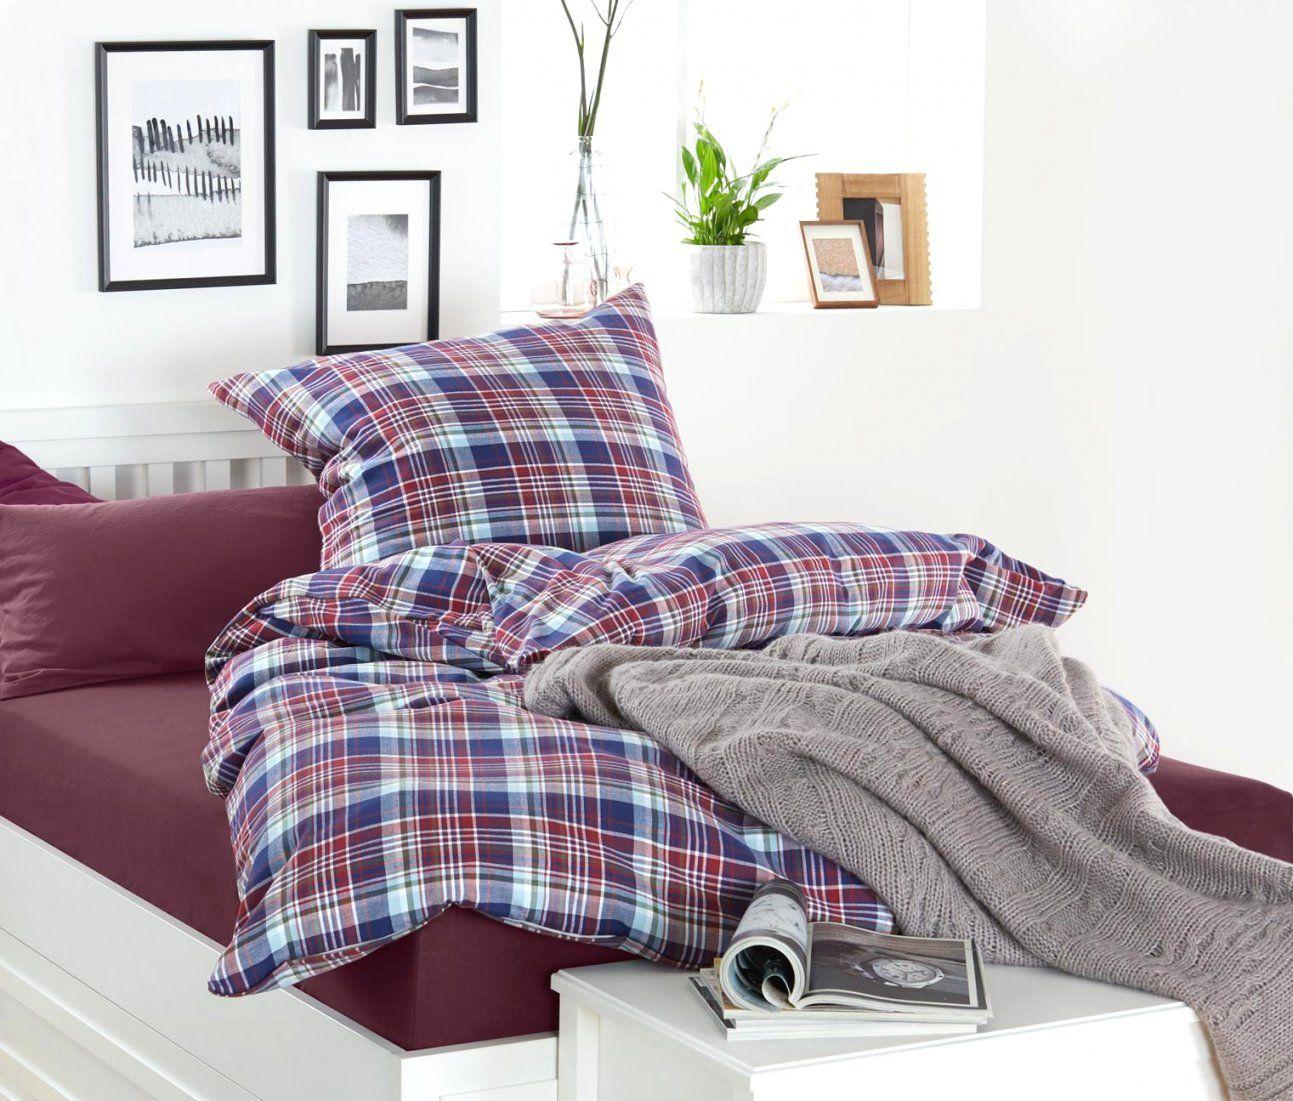 Brillante Inspiration Bettwäsche 155×220 Tchibo Und Zufriedene von Bettwäsche 155X220 Tchibo Bild